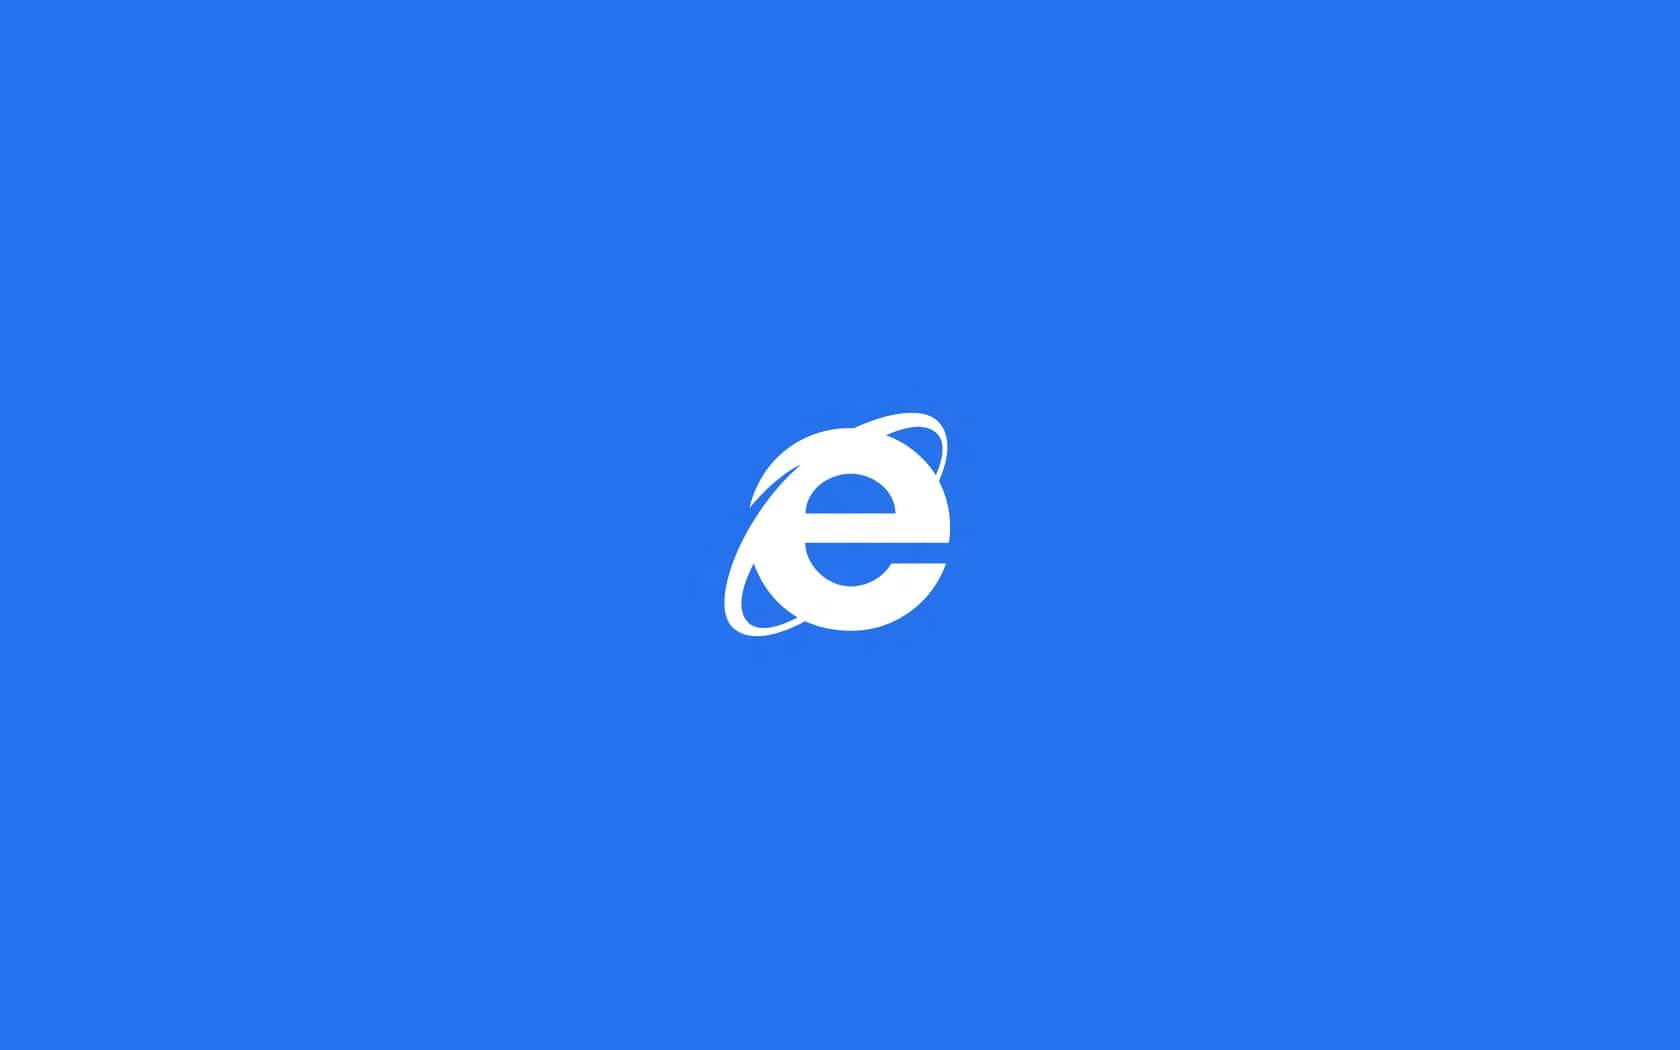 Восстанавливаем панель инструментов IE - Как восстановить панель инструментов браузера Internet Explorer